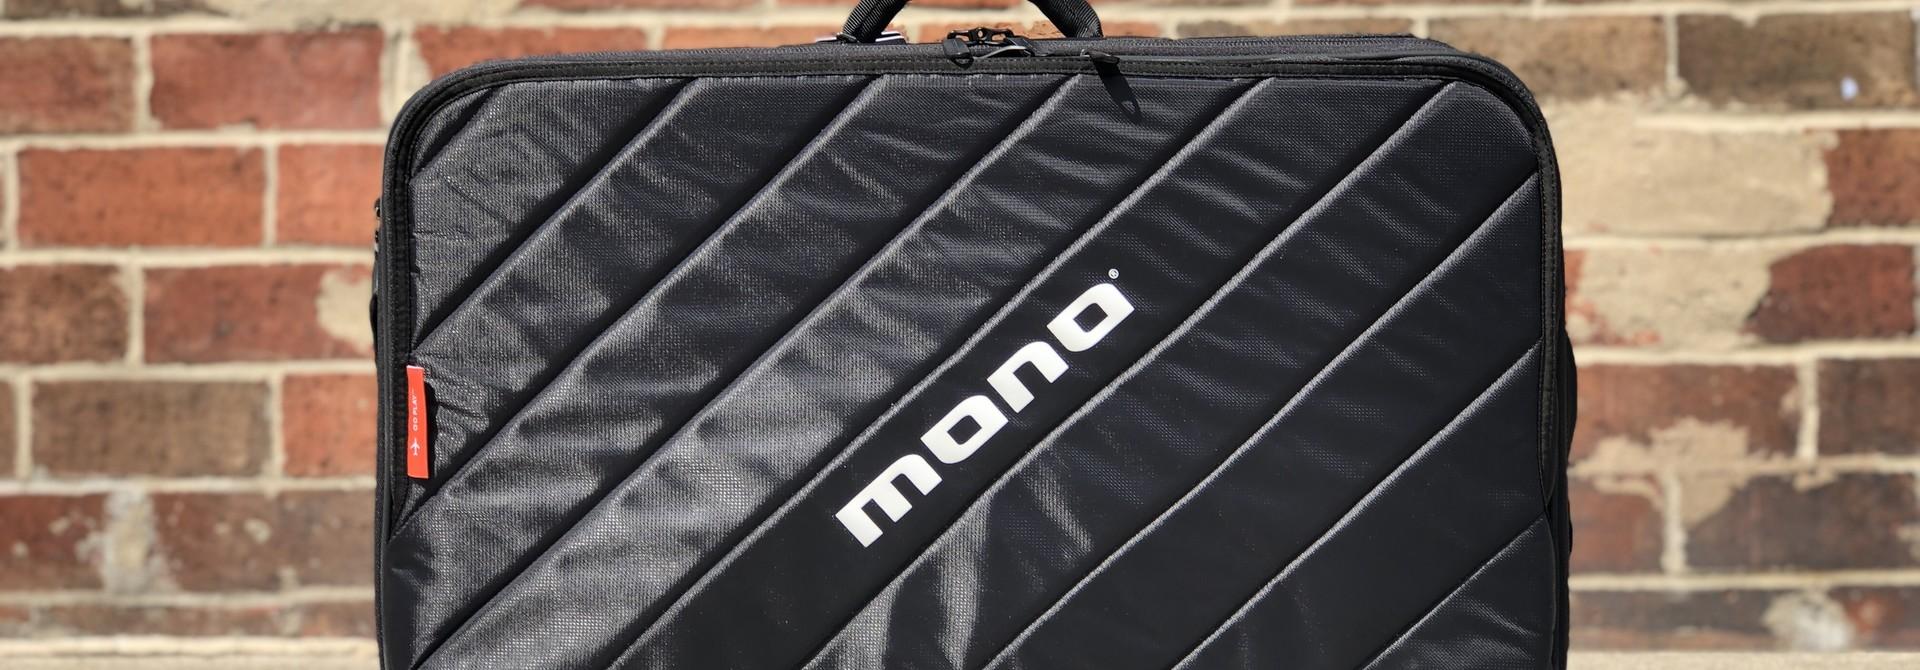 Mono M80 Tour Accessory Case 2.0, Black